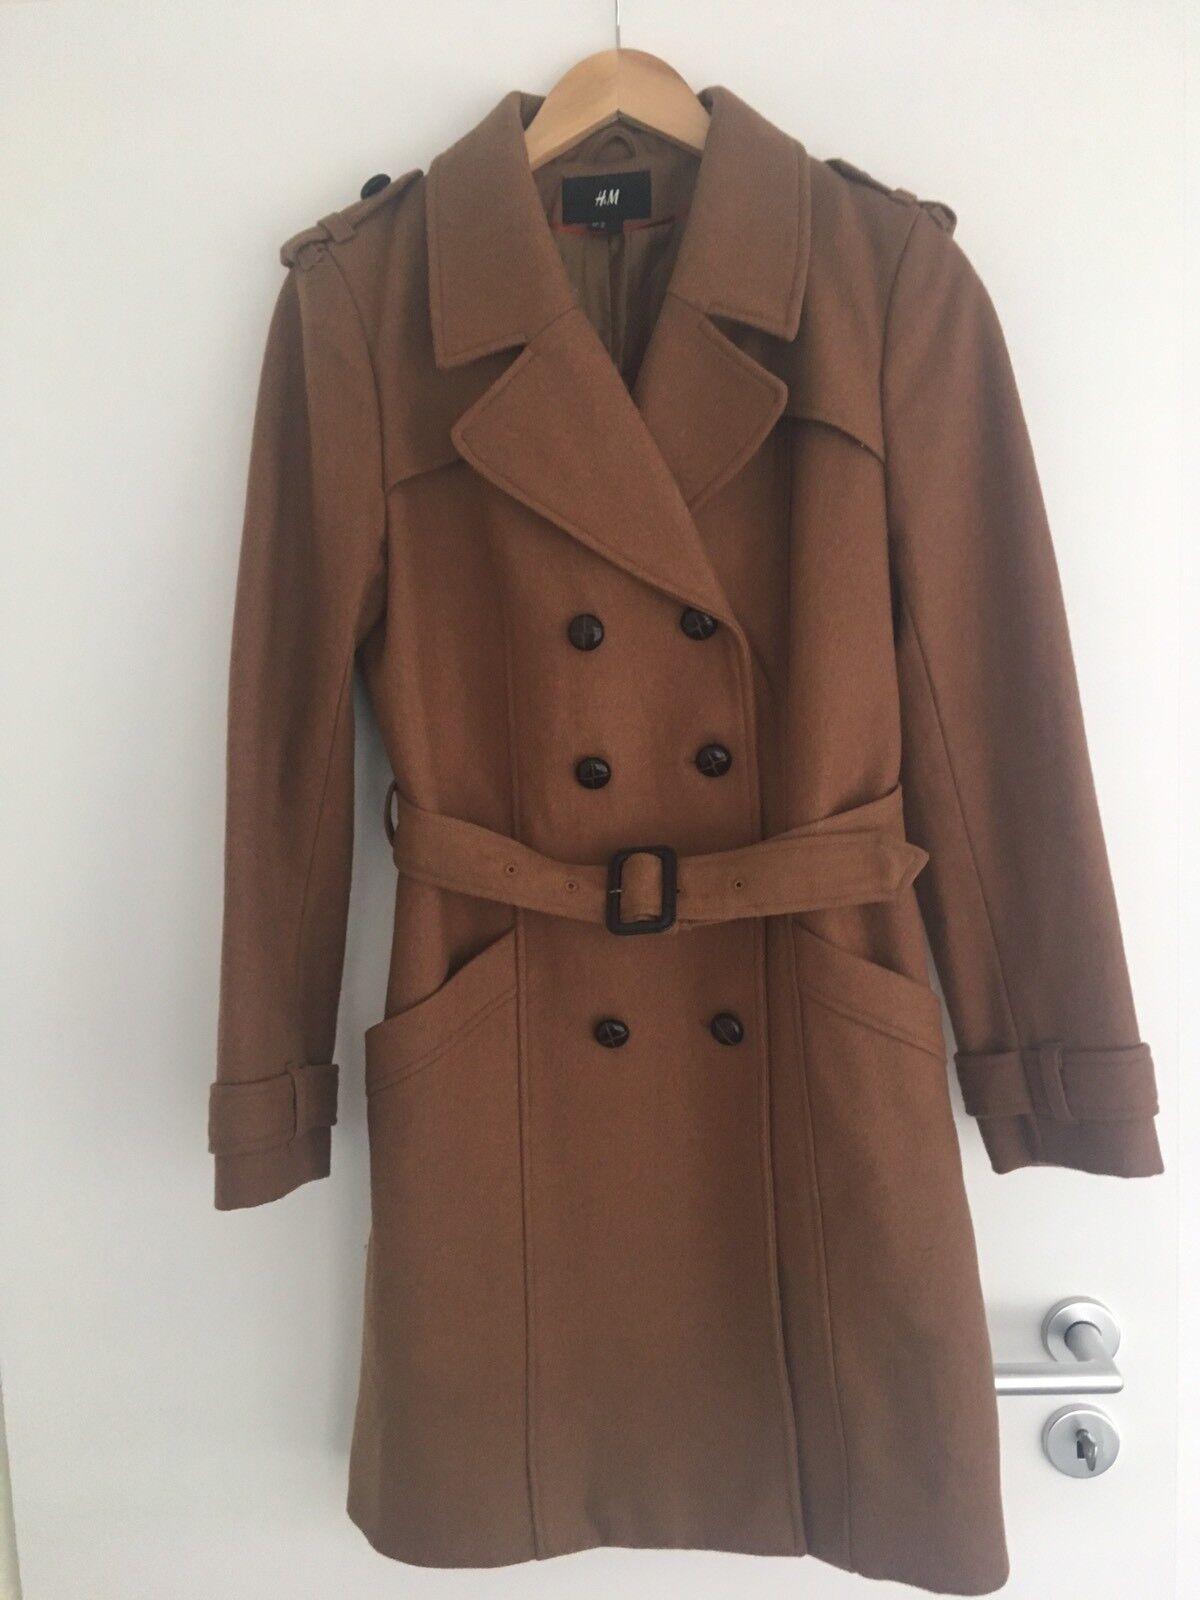 H&M Damen Mantel | Wirtschaft  | Vielfältiges neues Design  | | | Verkauf  fb9505